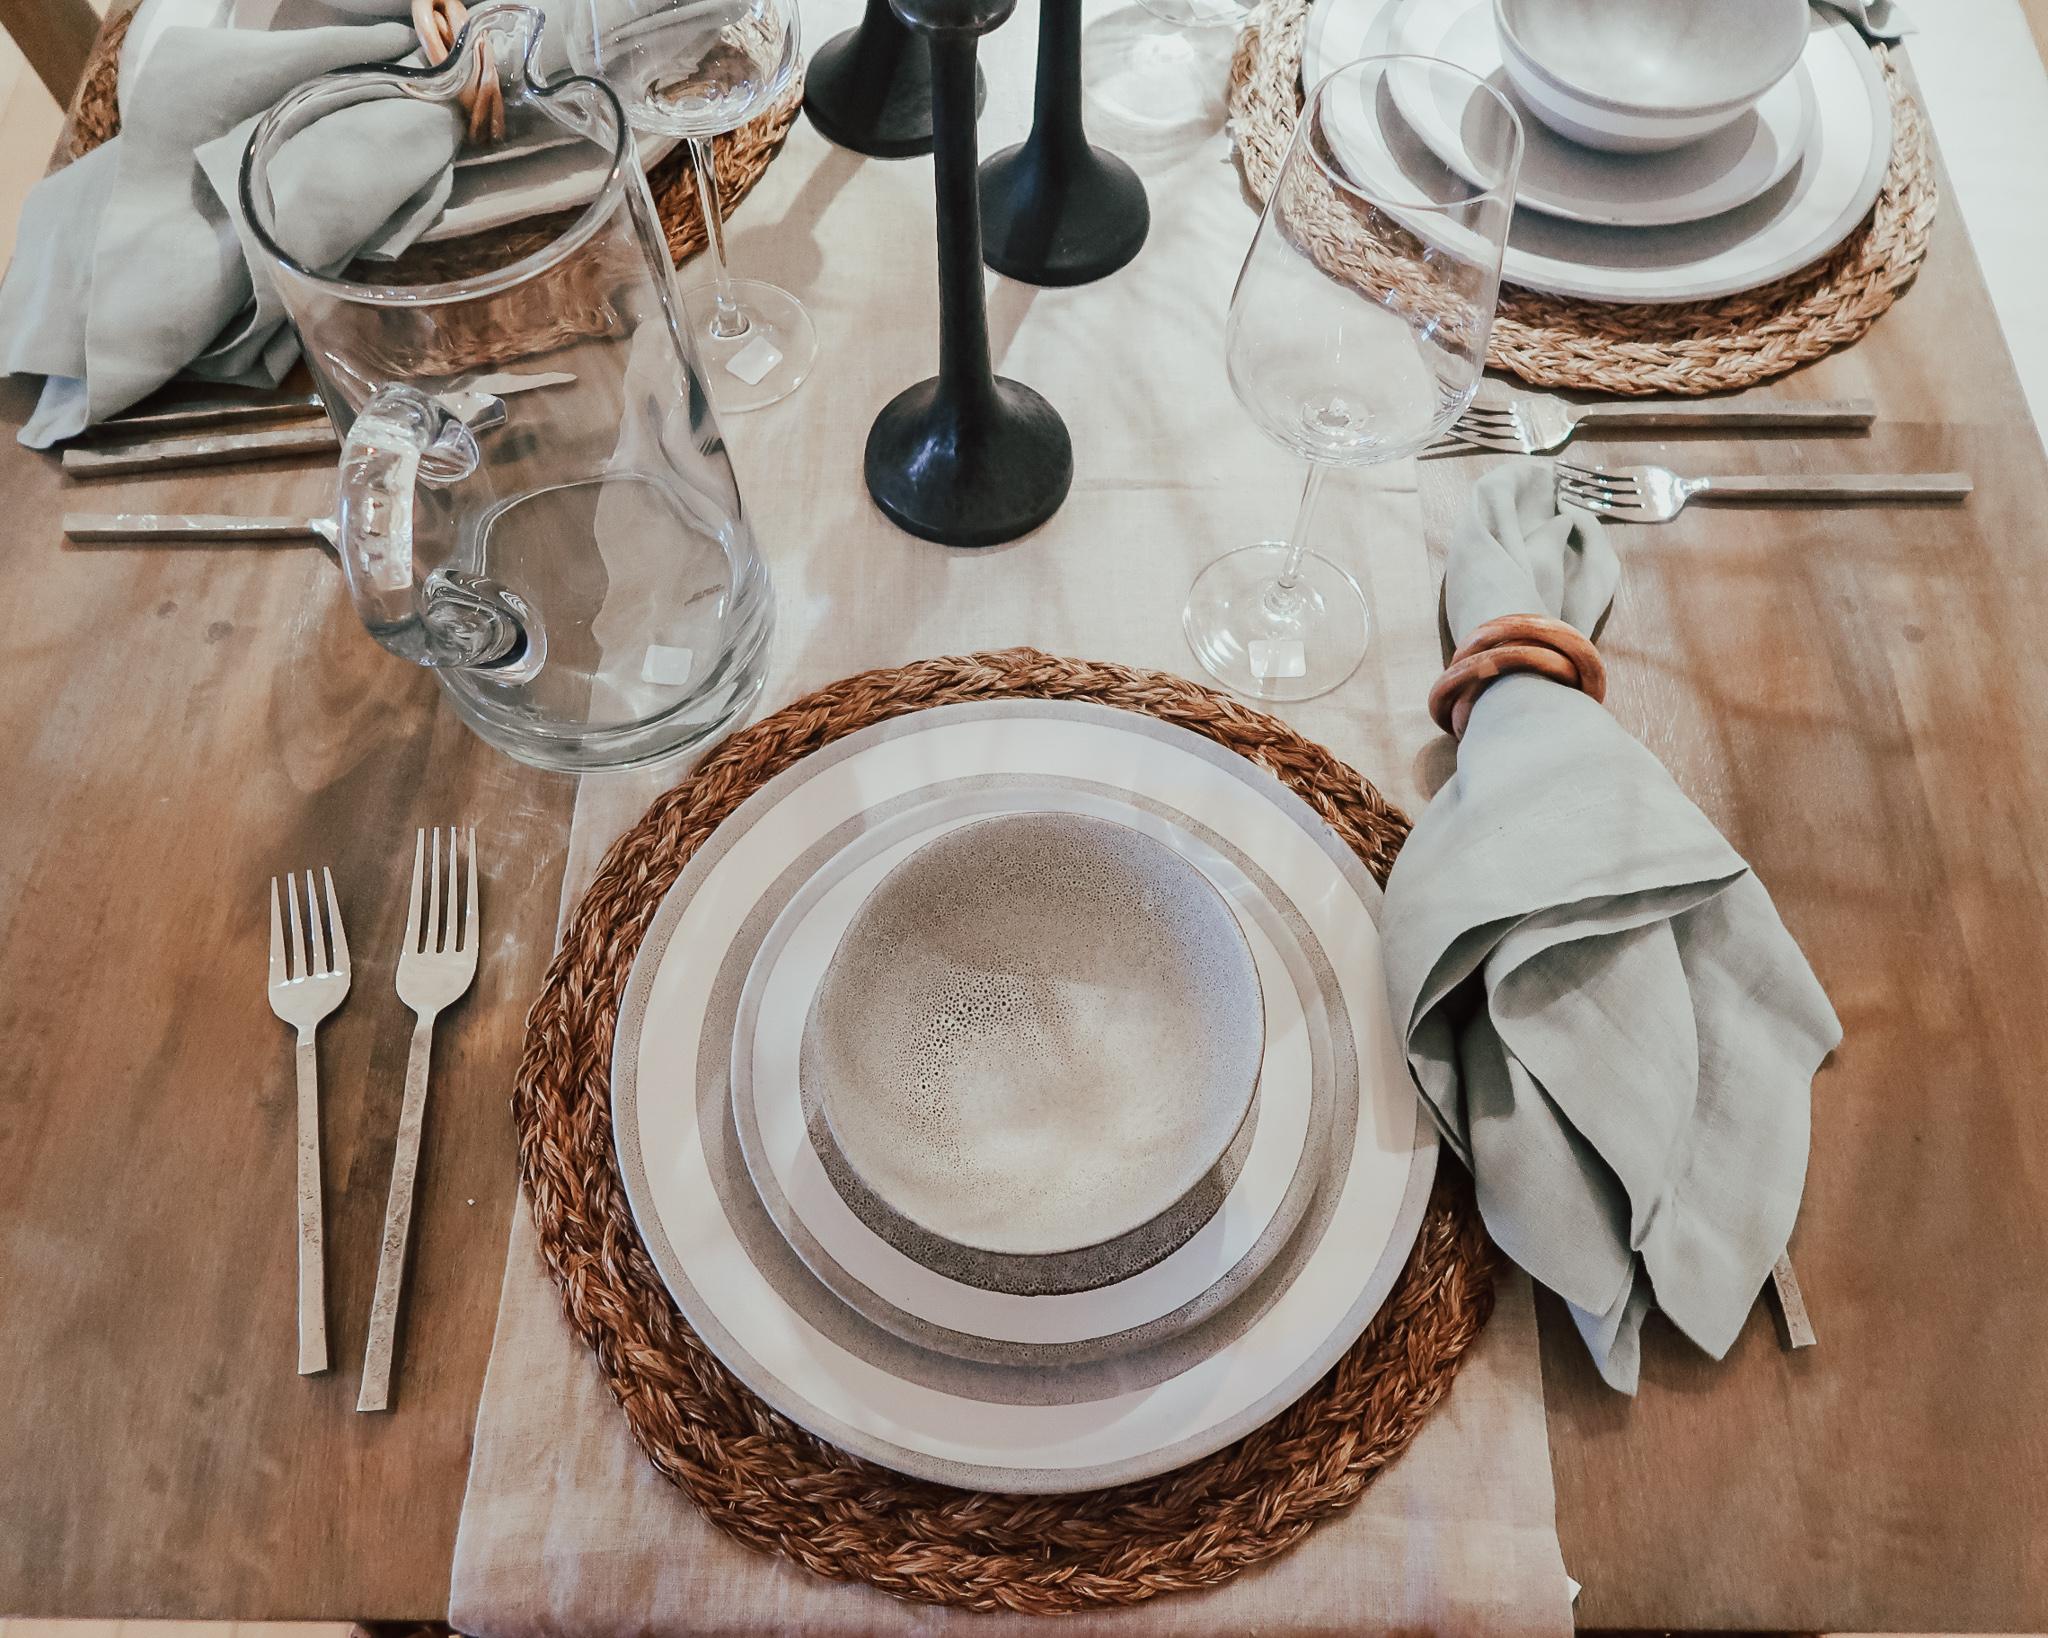 10-tips-for-creating-the-best-wedding-registry-4.jpg